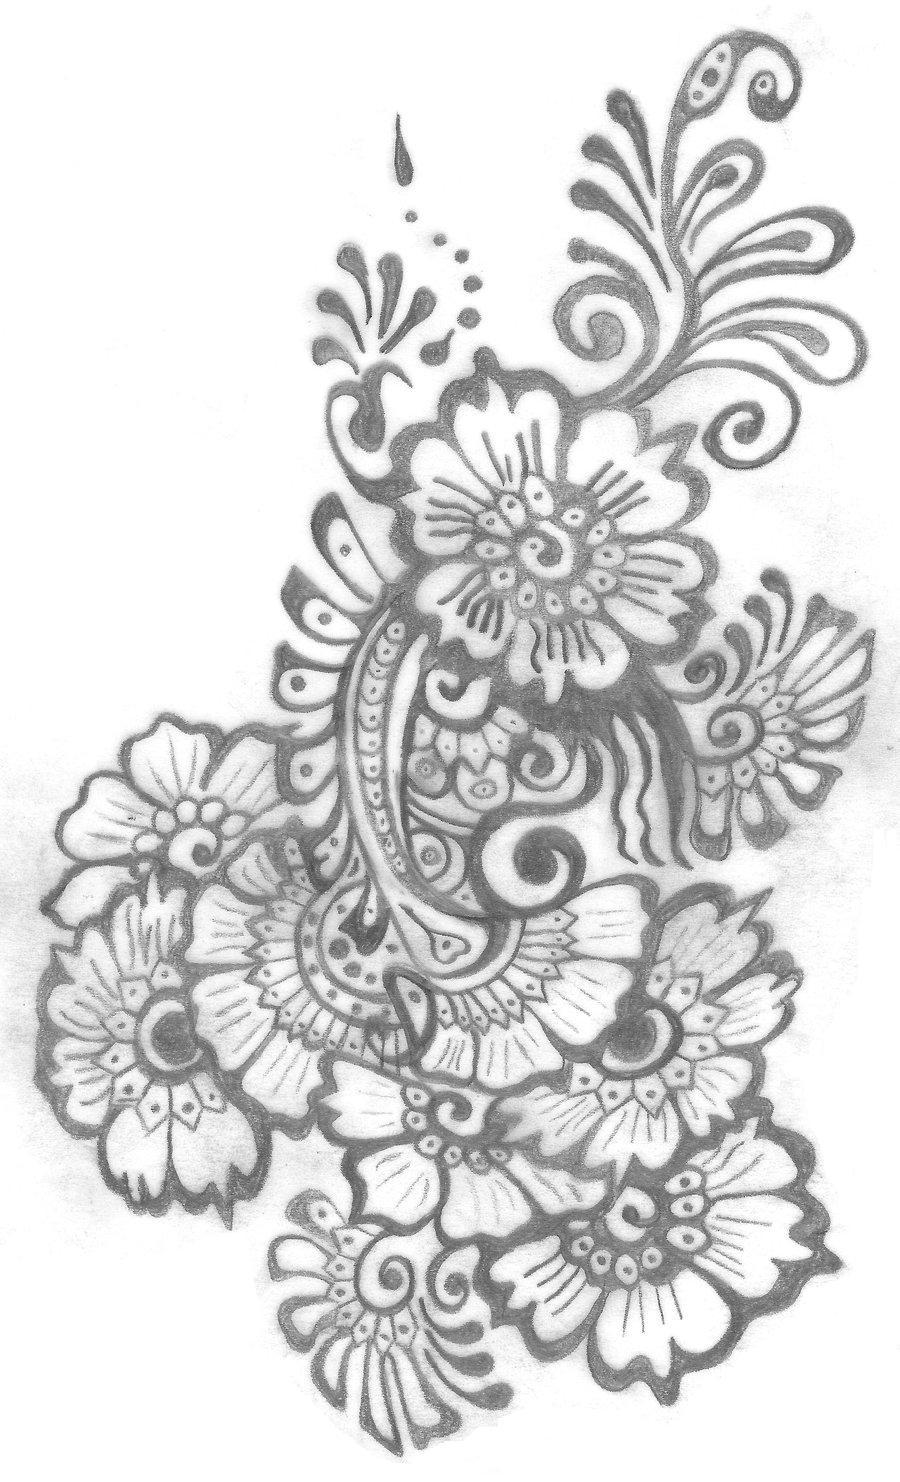 Simple Arabic Mehndi Designs Mehndi DesignArabic Mehndi henna mehndi